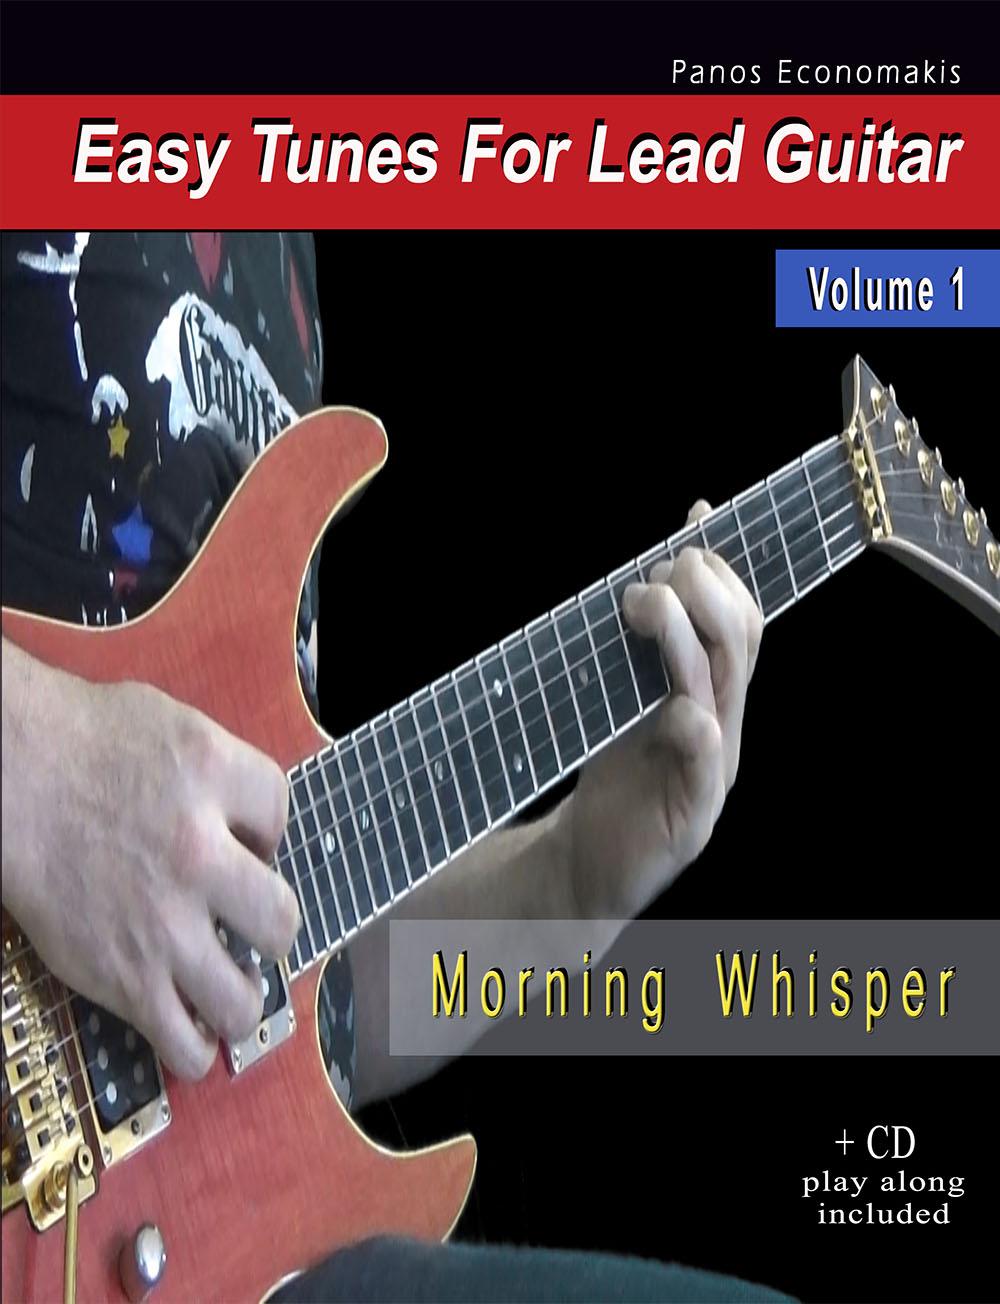 Εντυπες Εκδόσεις Cambia    κιθάρα    Easy Tunes for Lead Guitar e62f4e56d66